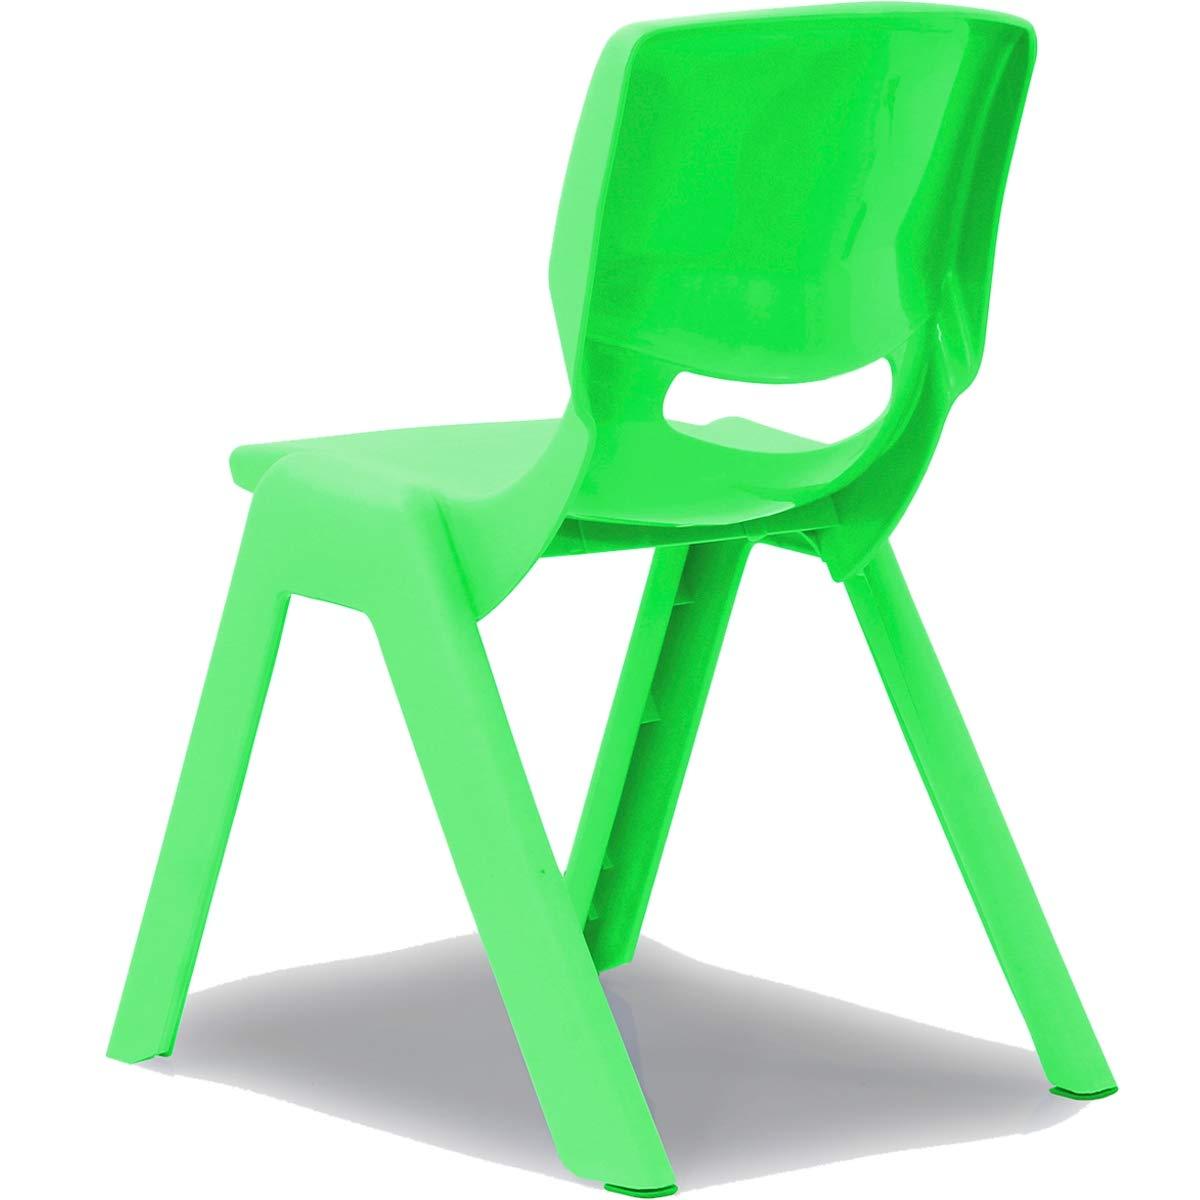 Blau Kinderstuhl mit R/ückenlehne bis 100kg belastbar stapelbar und kippsicher Indoor und Outdoor geeignet aus Kunststoff